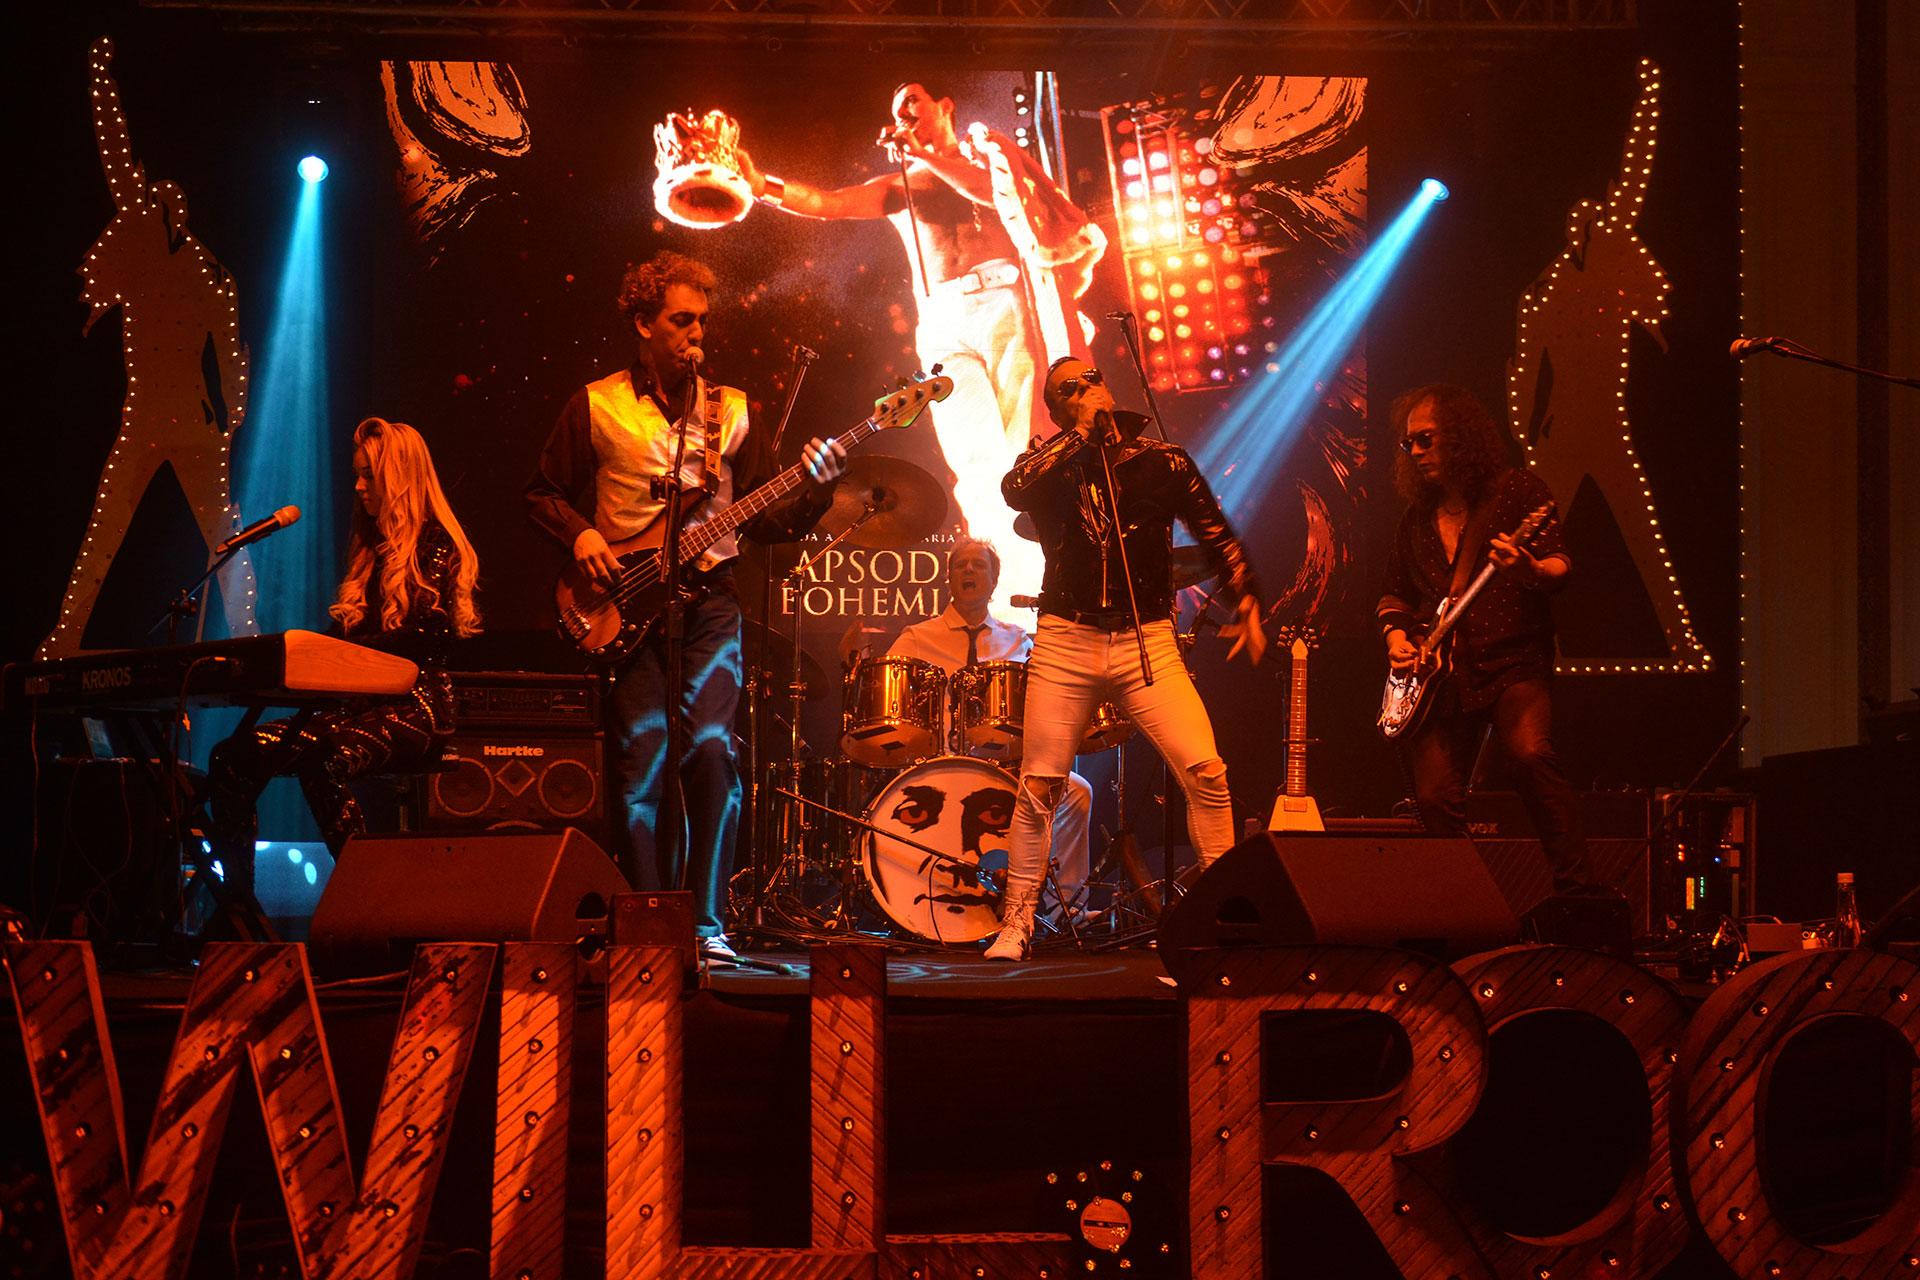 """Esta vez, la cena se llamó """"Rapsodia Bohemia"""", inspirada en Queen y su figura emblemática, Freddy Mercury. Al son de """"We are the champions"""" más de cuatrocientos invitados, pertenecientes a distintos ámbitos empresariales, políticos, culturales y sociales, ingresaron al salón Monserrat del InterContinental Buenos Aires, engalanado con la música y la estética de la emblemática banda de rock."""